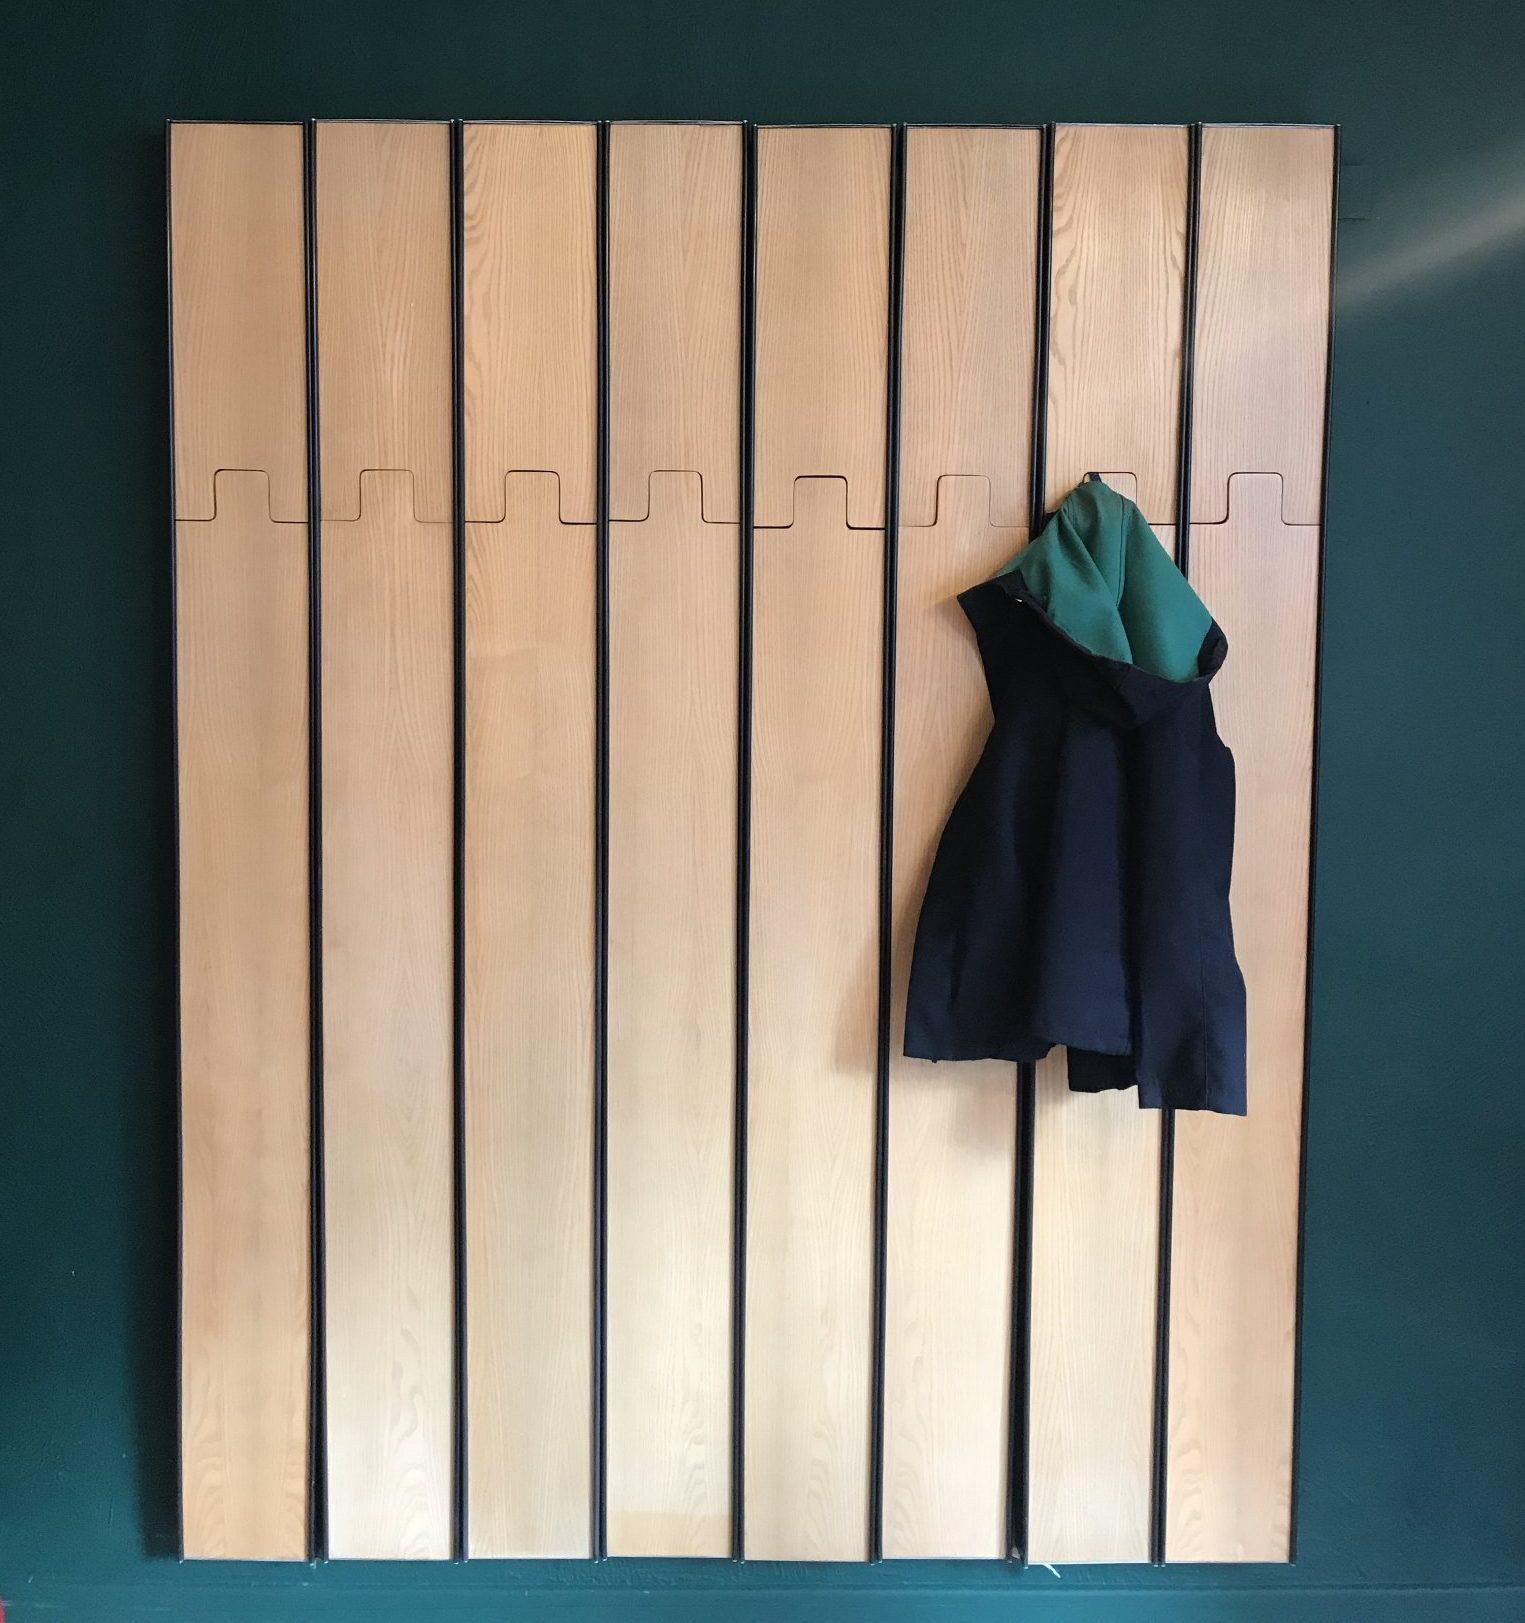 Bertoncini coat hanger